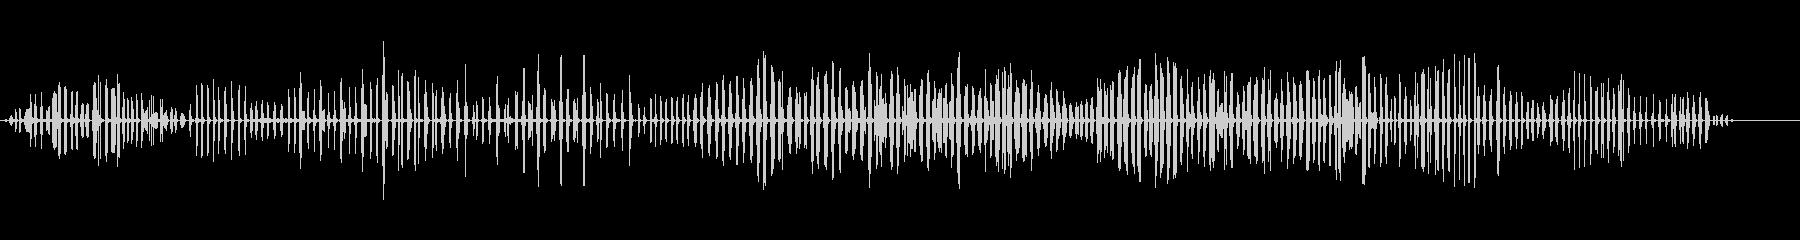 杖のウグイス-アクロセファラスシラケウスの未再生の波形